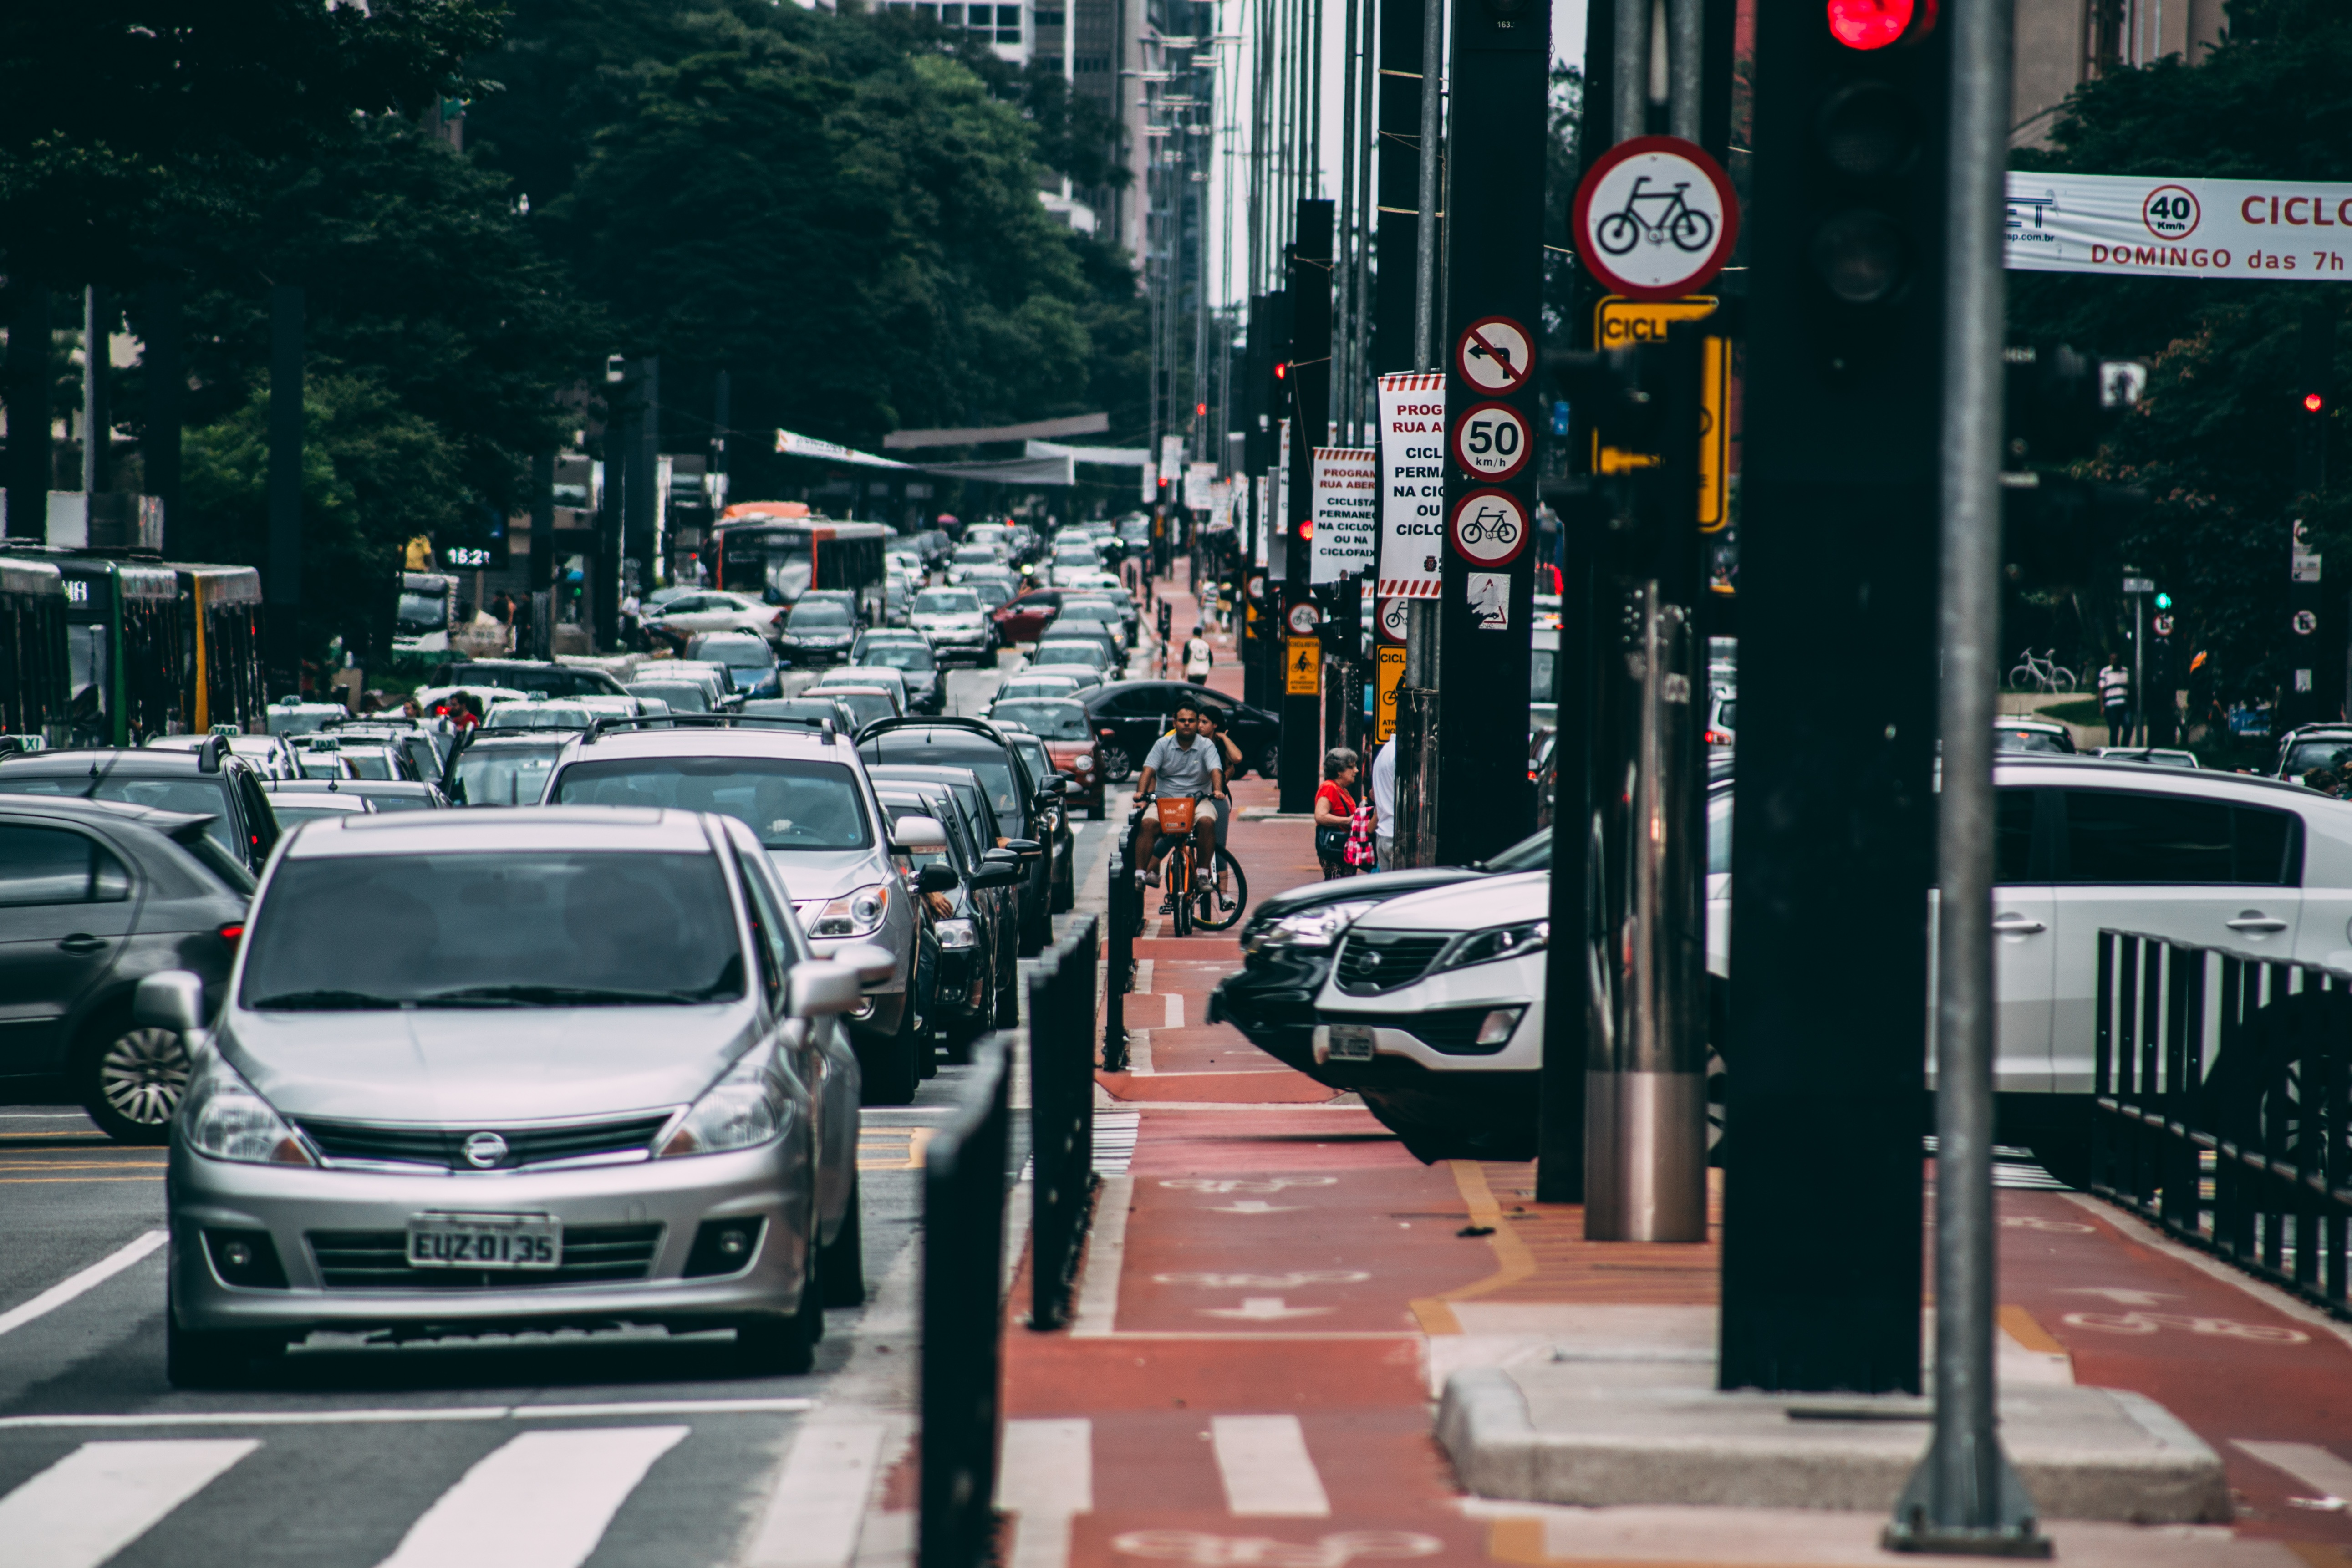 Marinópolis - São Paulo